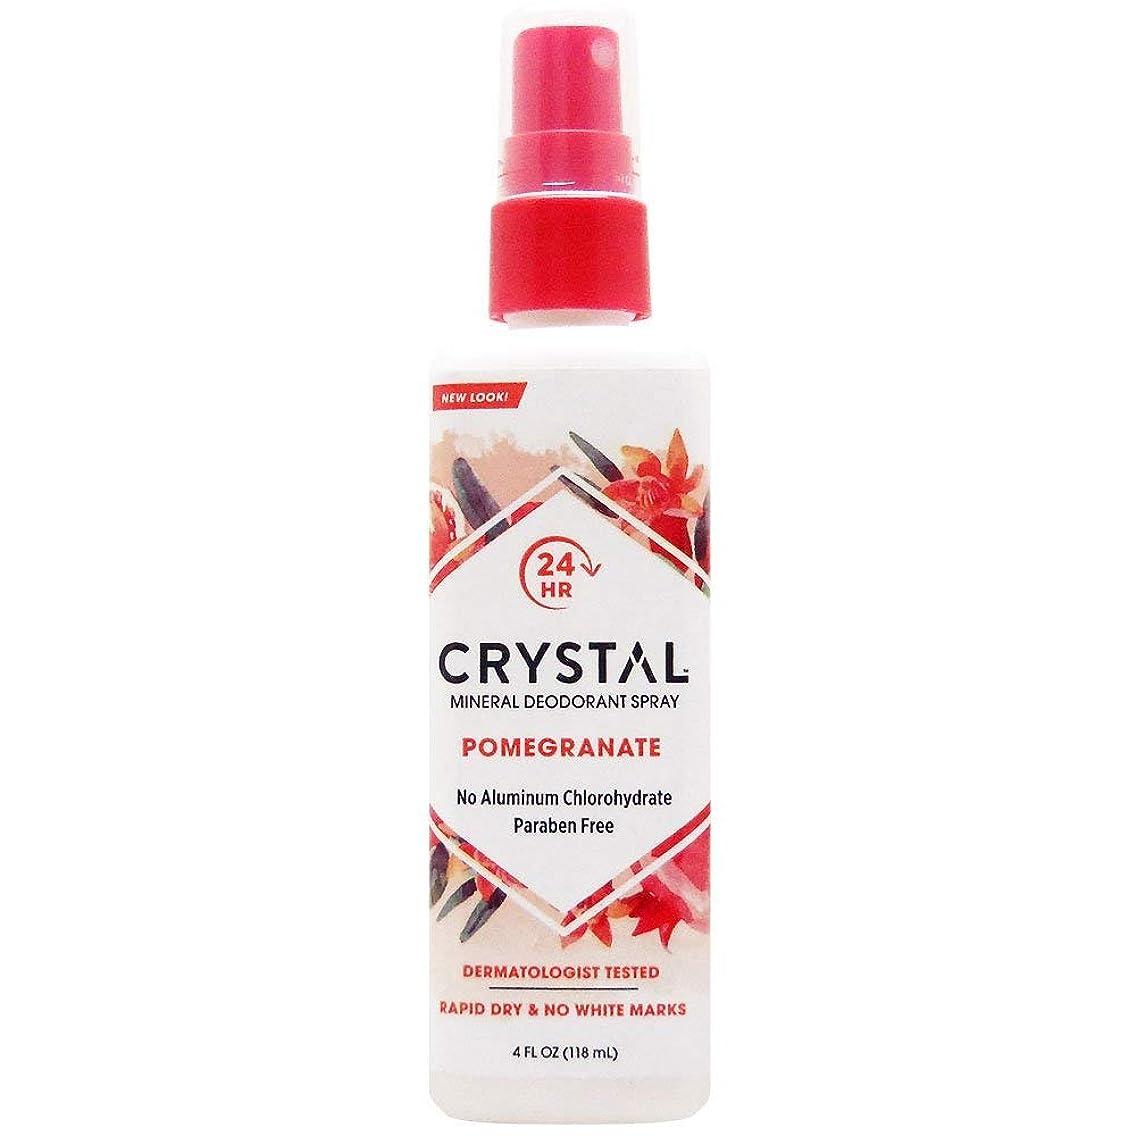 シリング永遠の影響力のあるCrystal Essence 486522 Crystal Essence Mineral Deodorant Body Spray Pomegranate - 4 fl oz